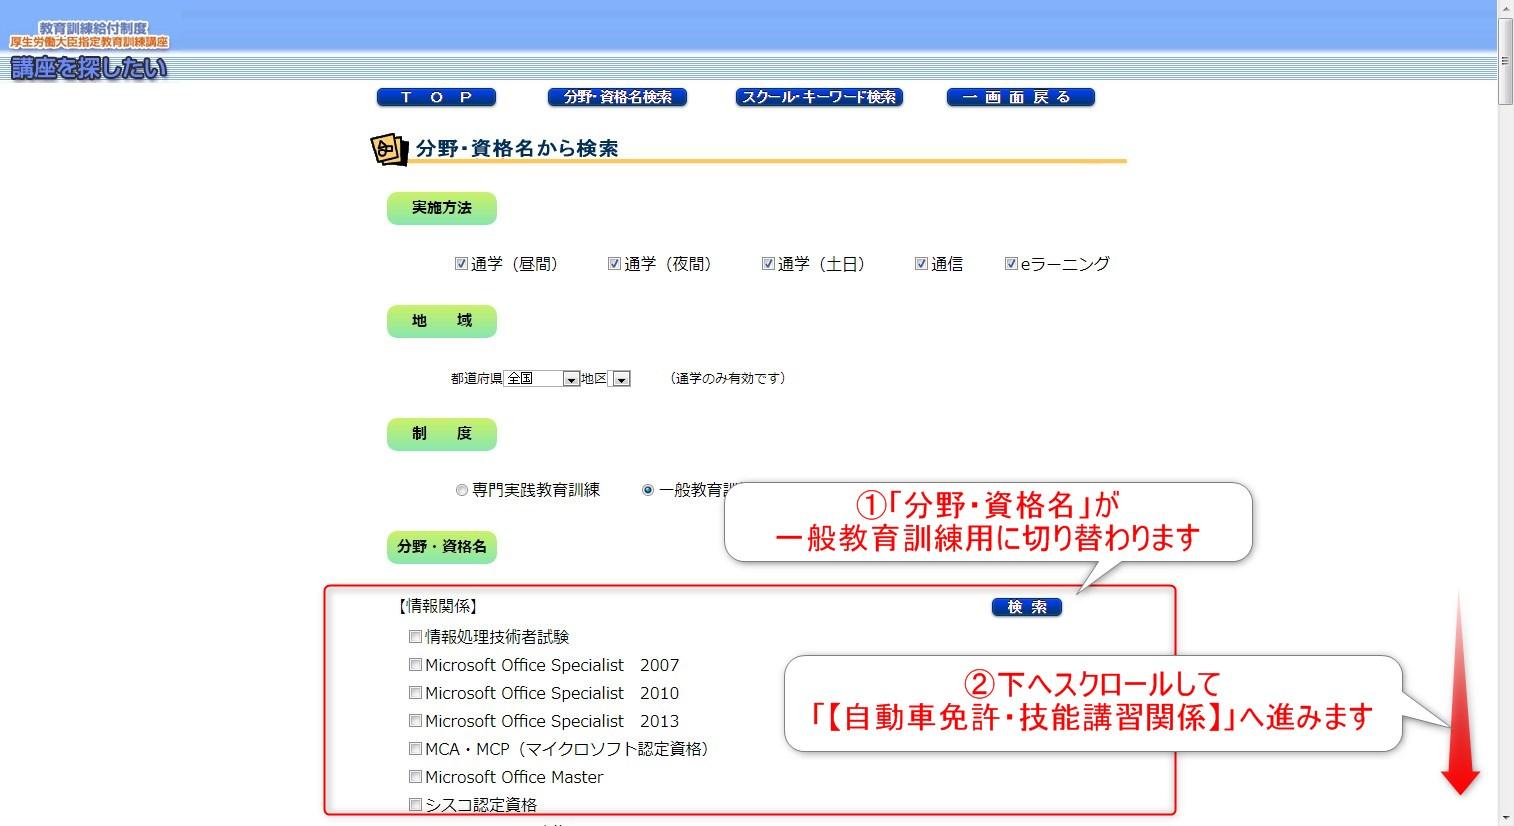 12-04-05_大型二種免許の検索方法